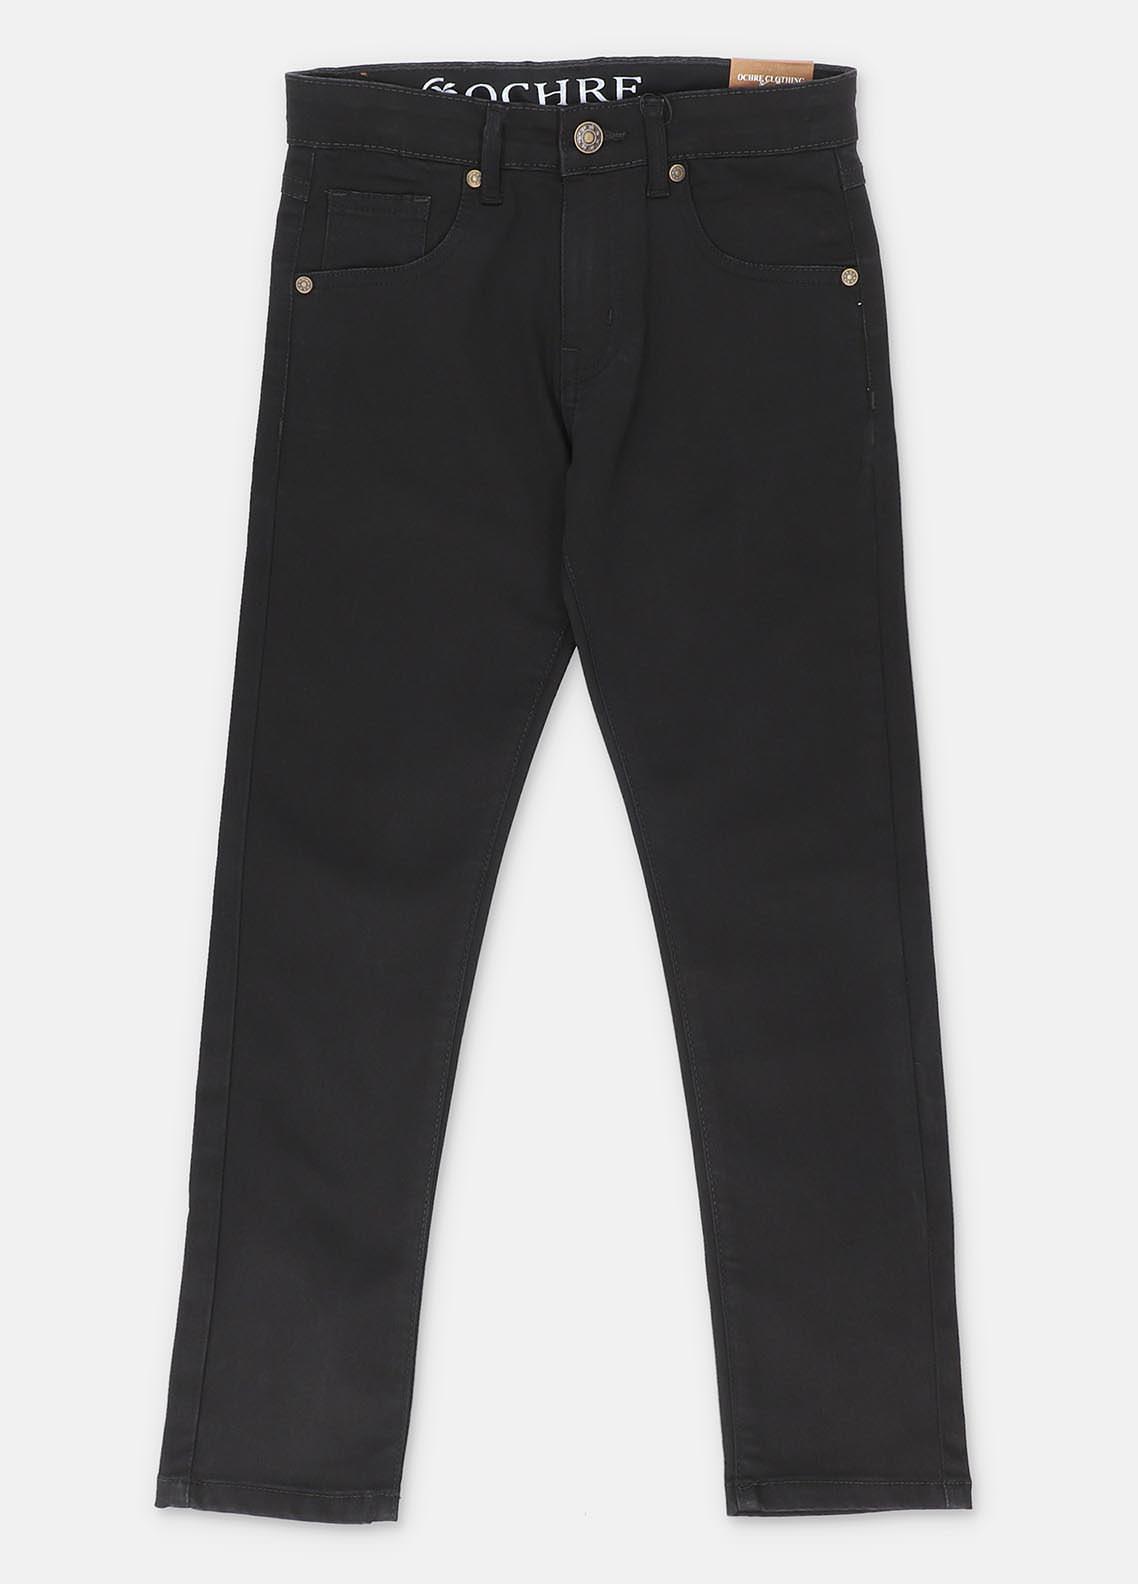 Ochre Denim  Girls Jeans -  ODP-09 Black